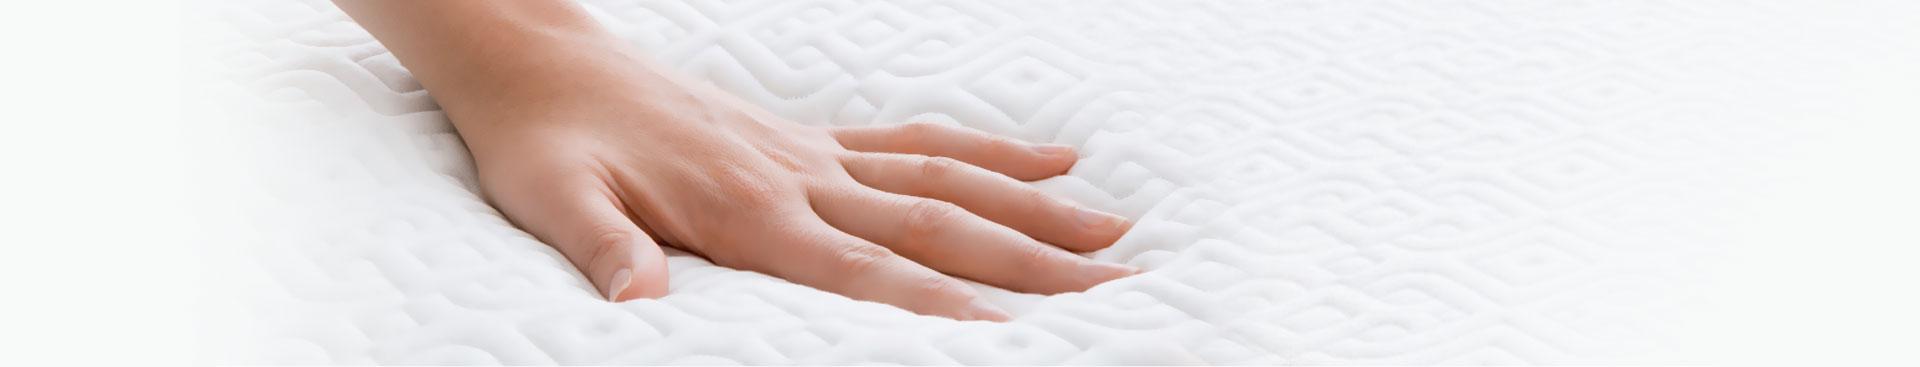 המיטה המושלמת עבורכם שומרי המסורת